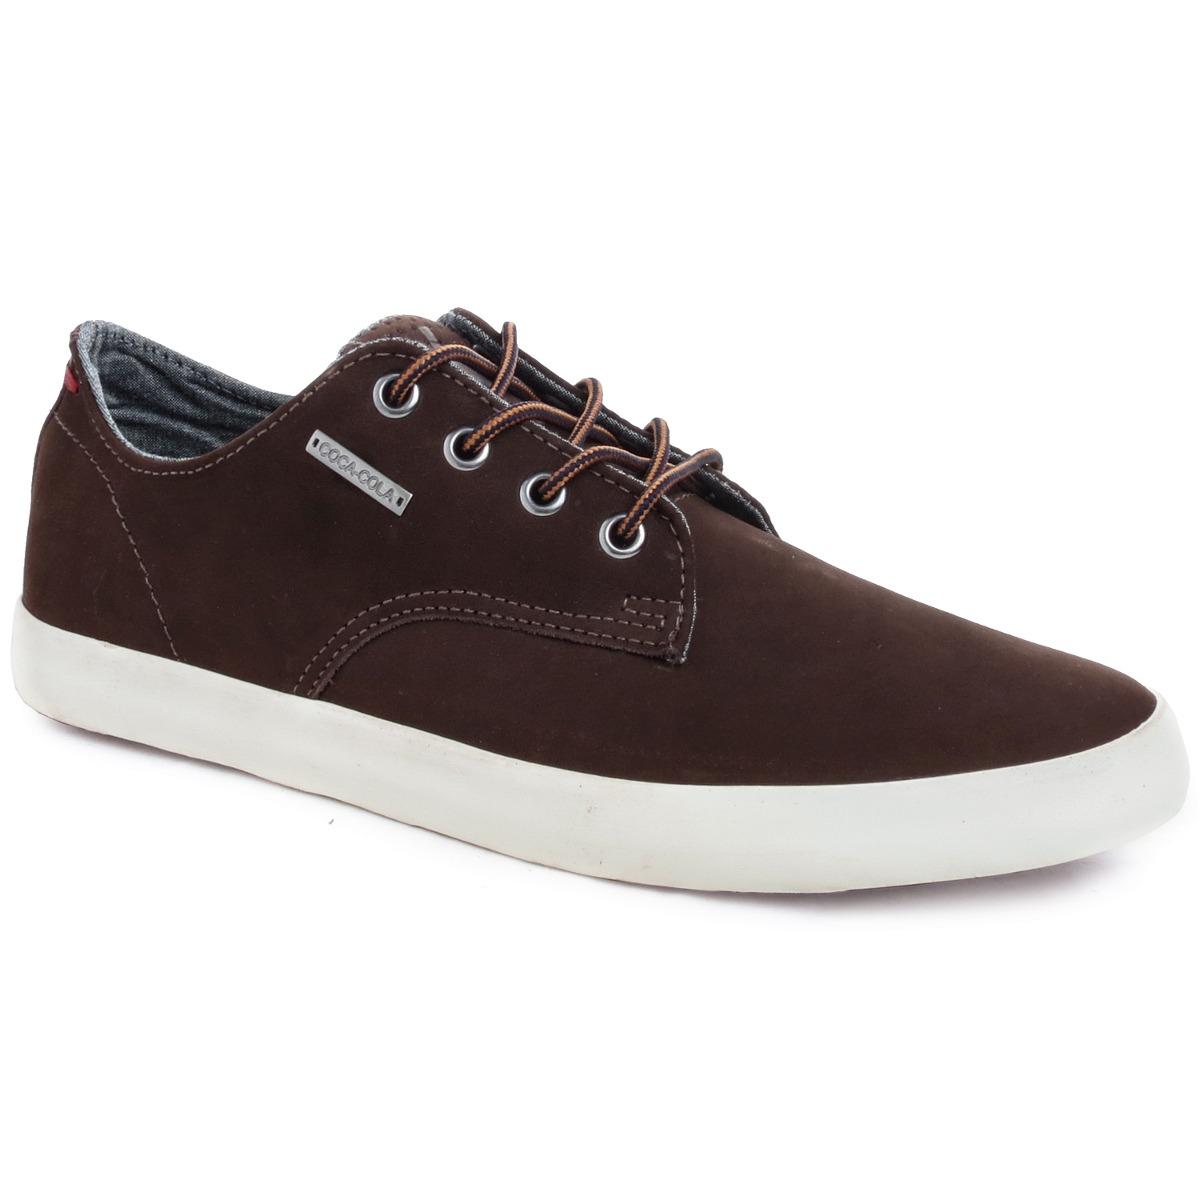 2859d6d63a zapatillas coca cola shoes guinter cuero urbana moda hombre. Cargando zoom.